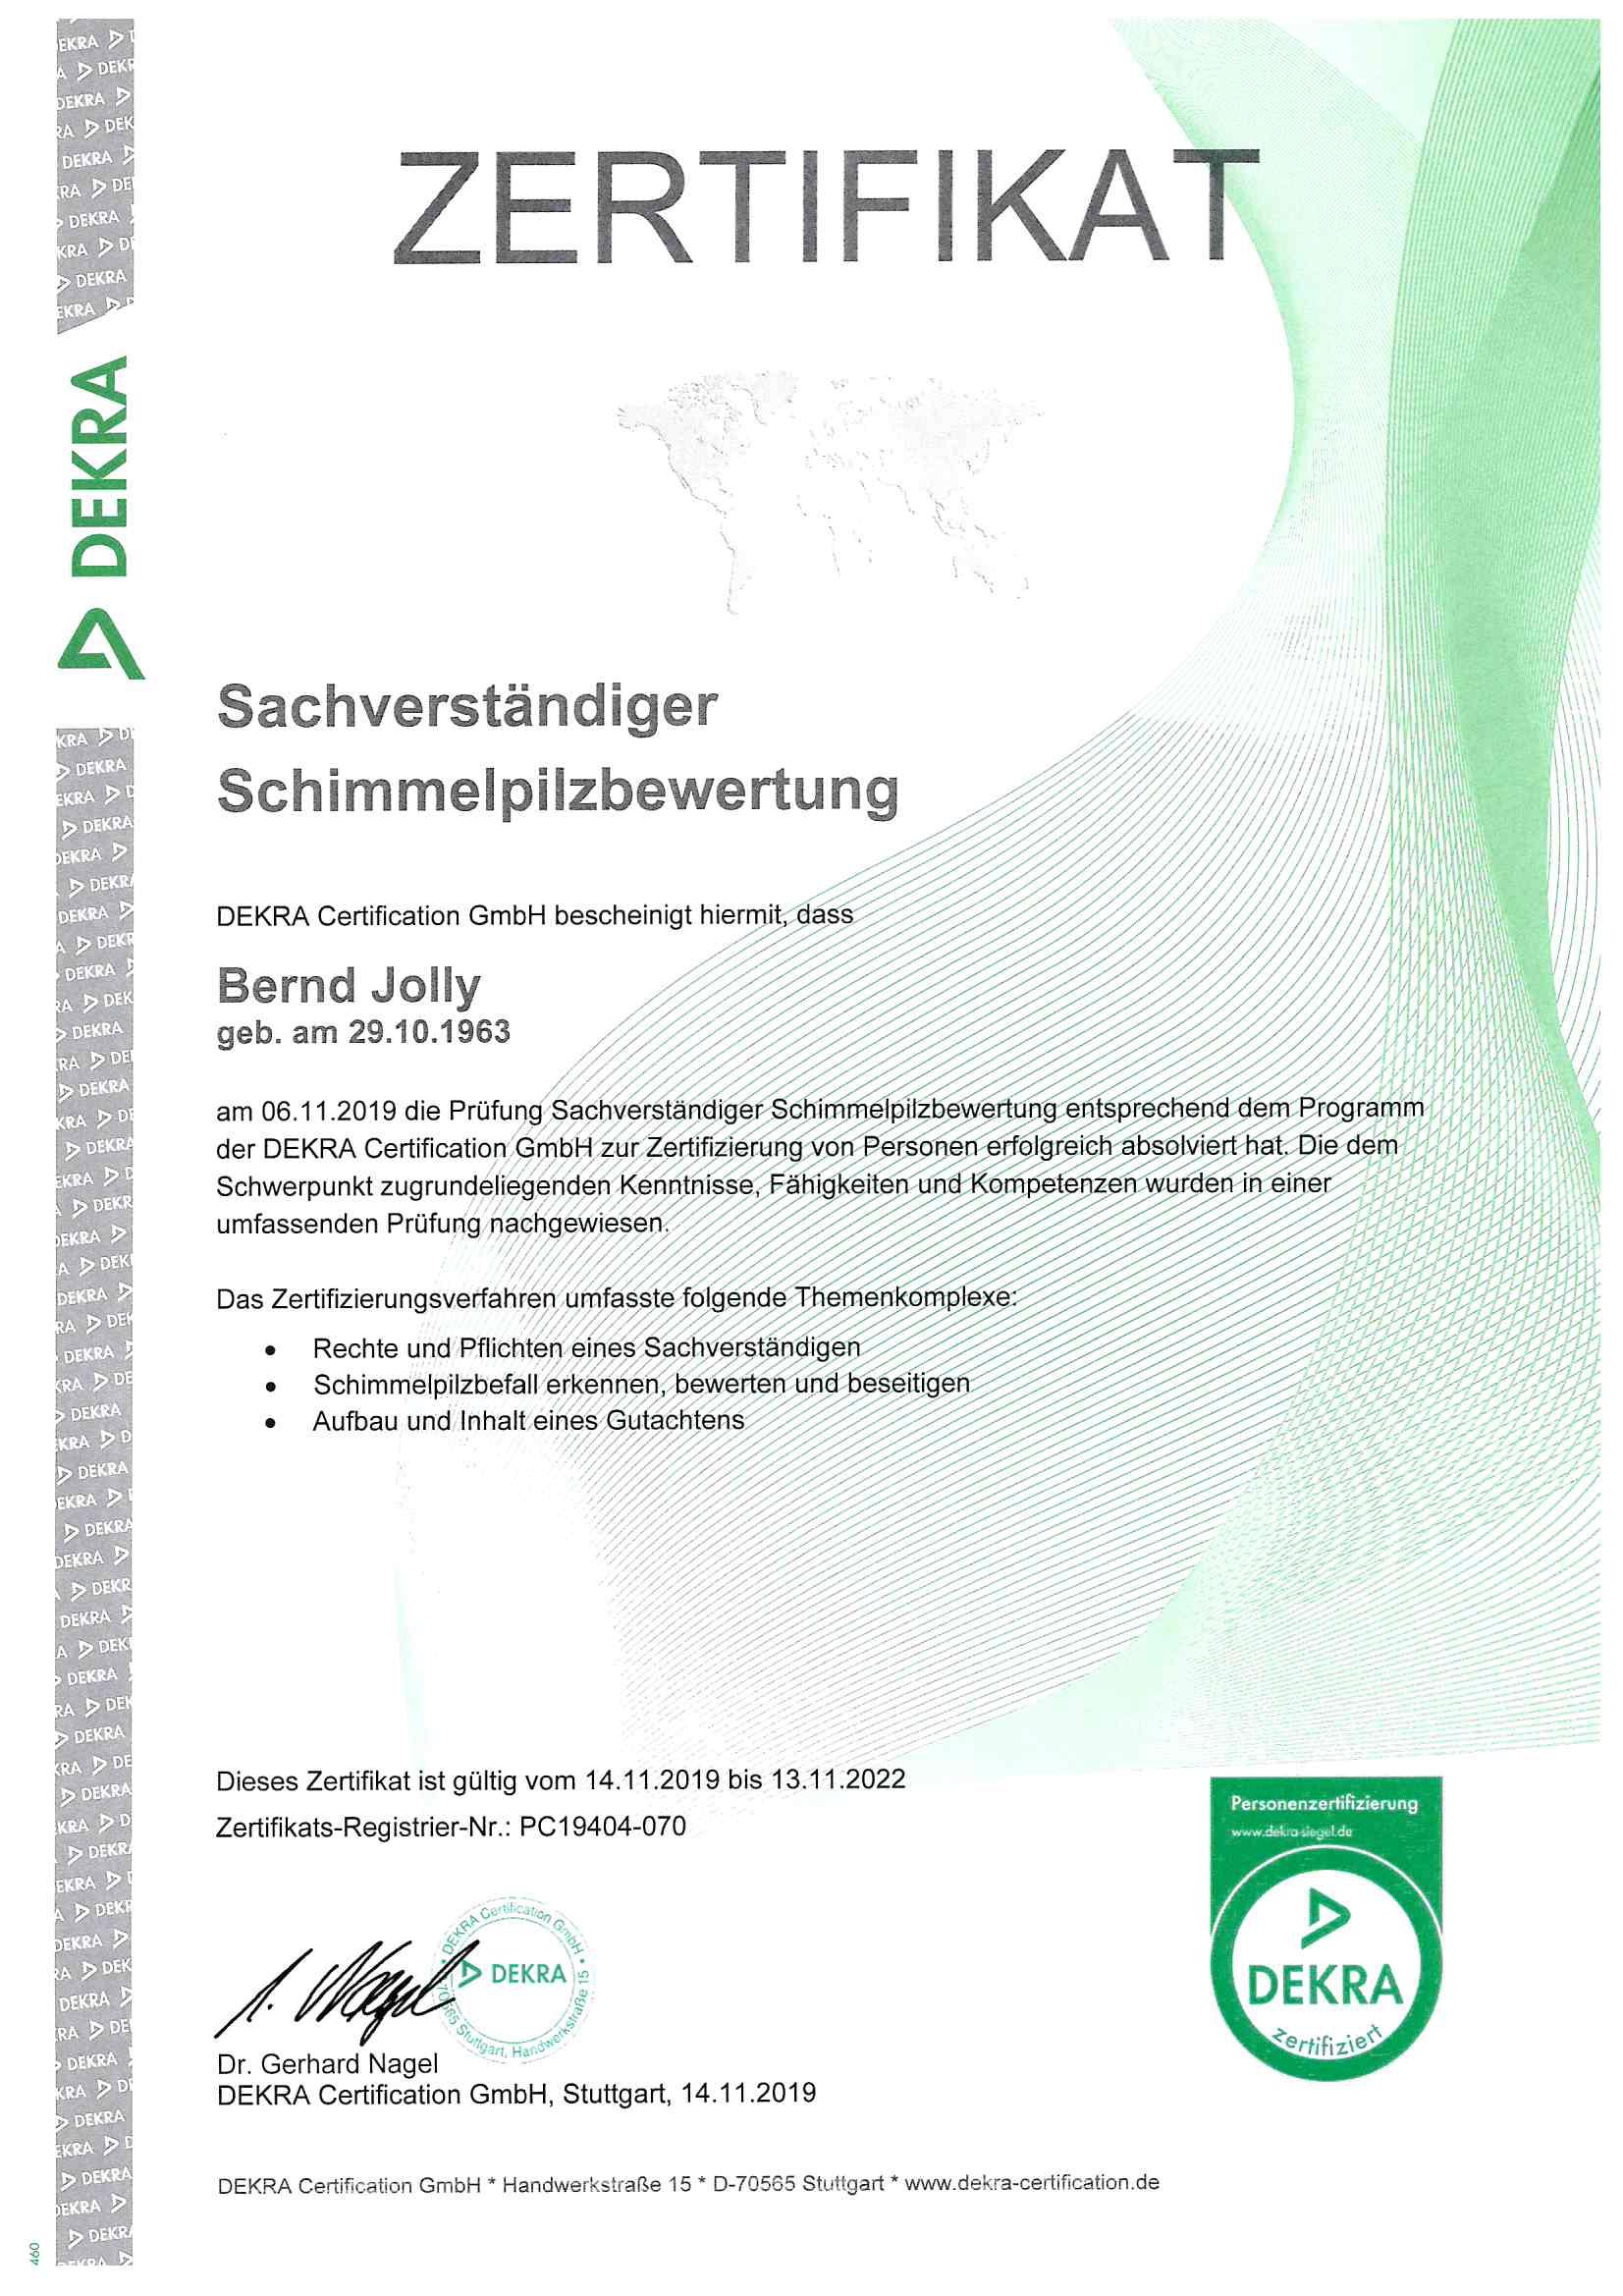 schimmelpilz_zertifikat